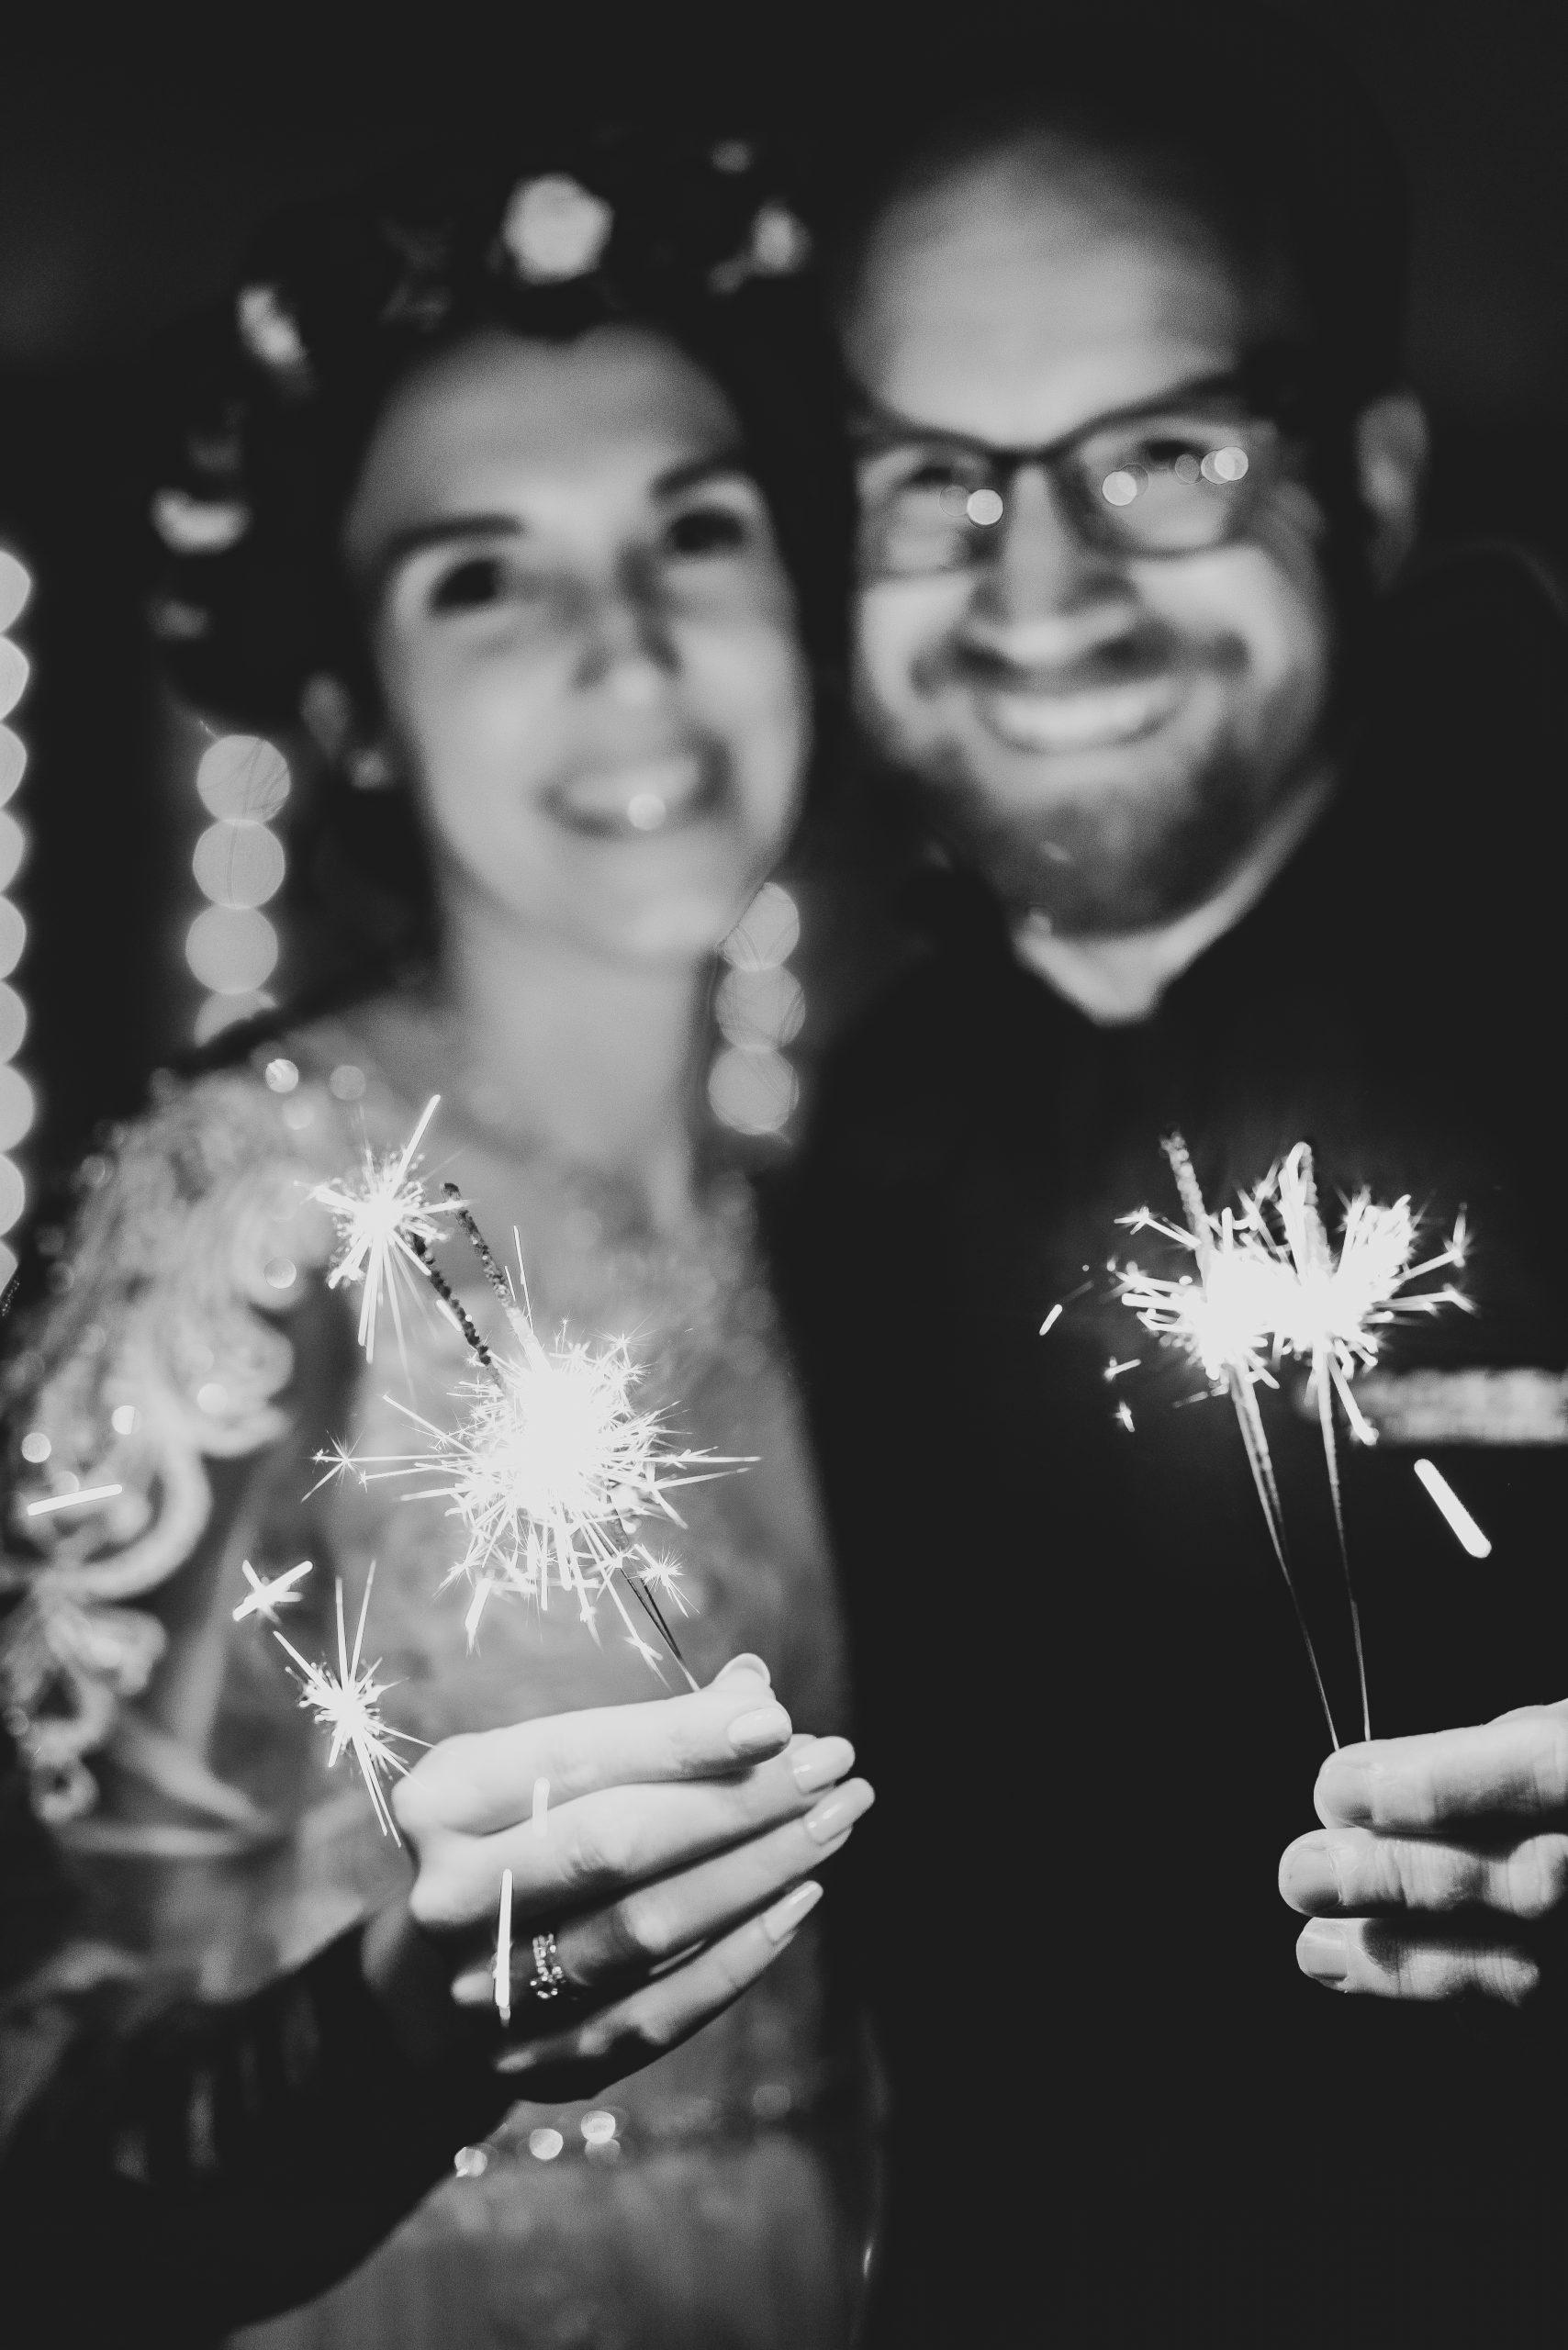 Hochzeitsfoto mit Wunderkerzen am Abend